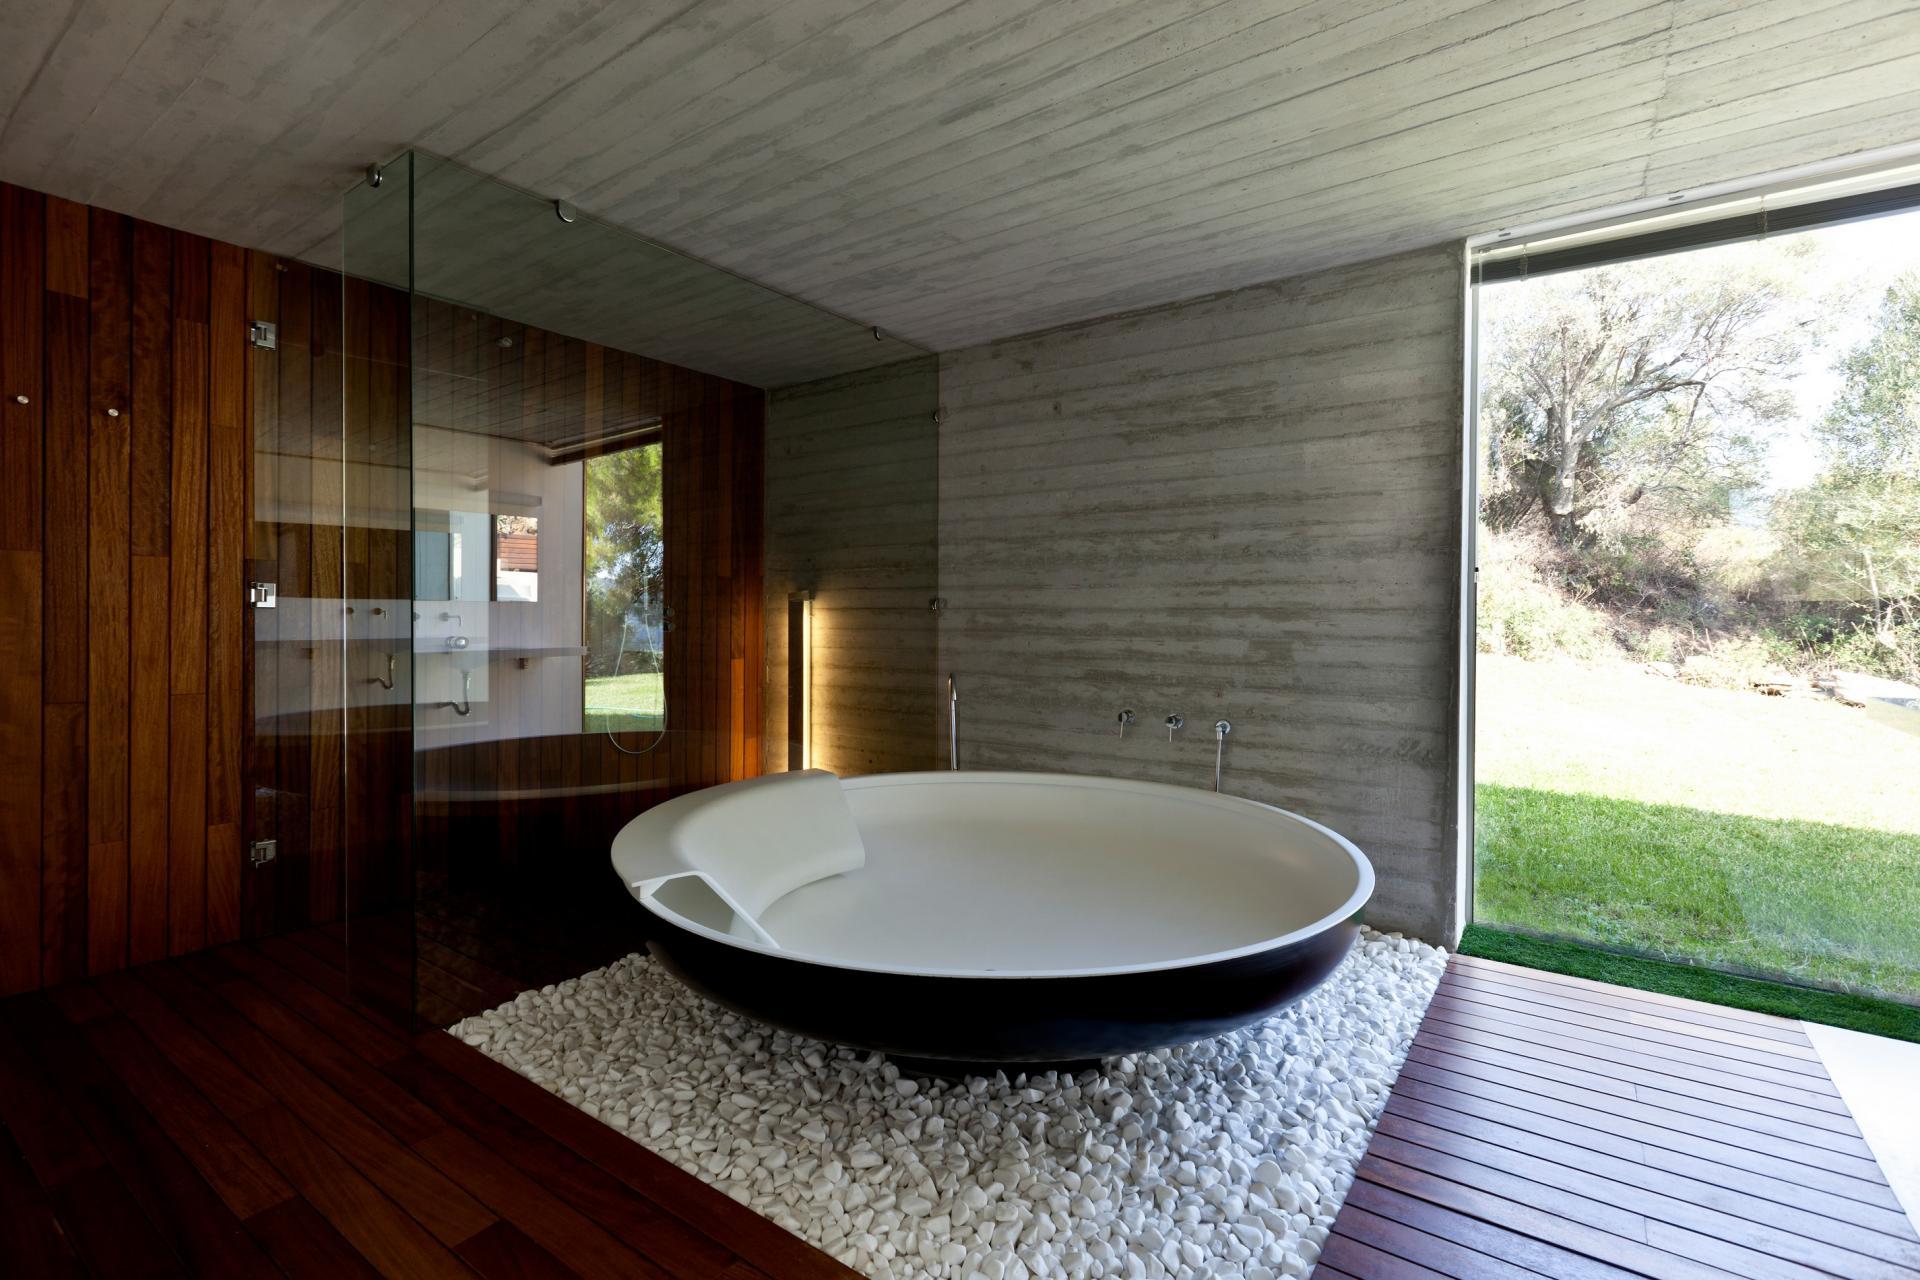 Круглая ванна в стиле минимализма